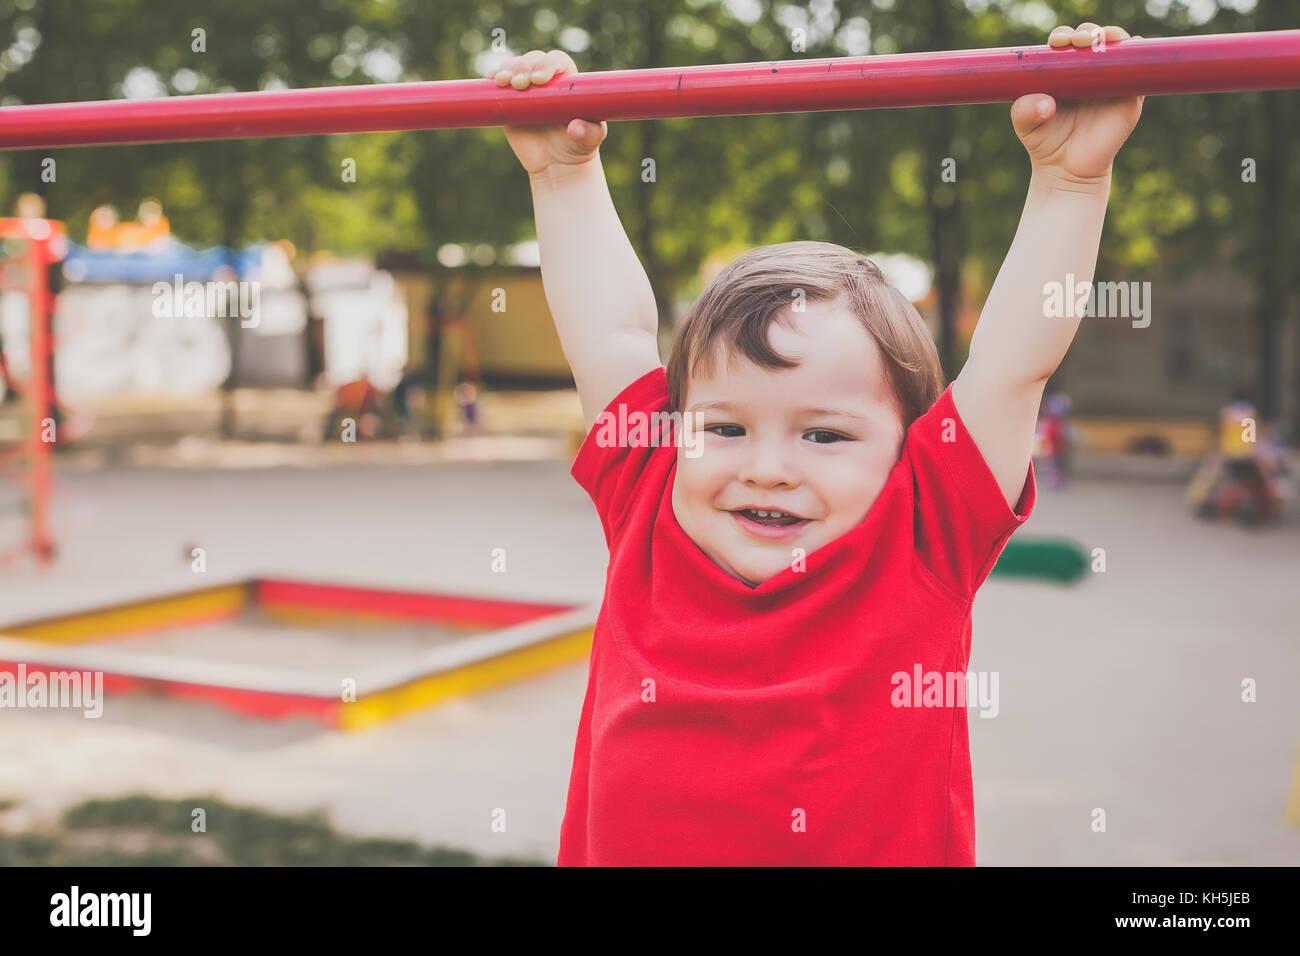 Ritratto di carino ragazzo sorridente e giocando sul parco giochi Immagini Stock